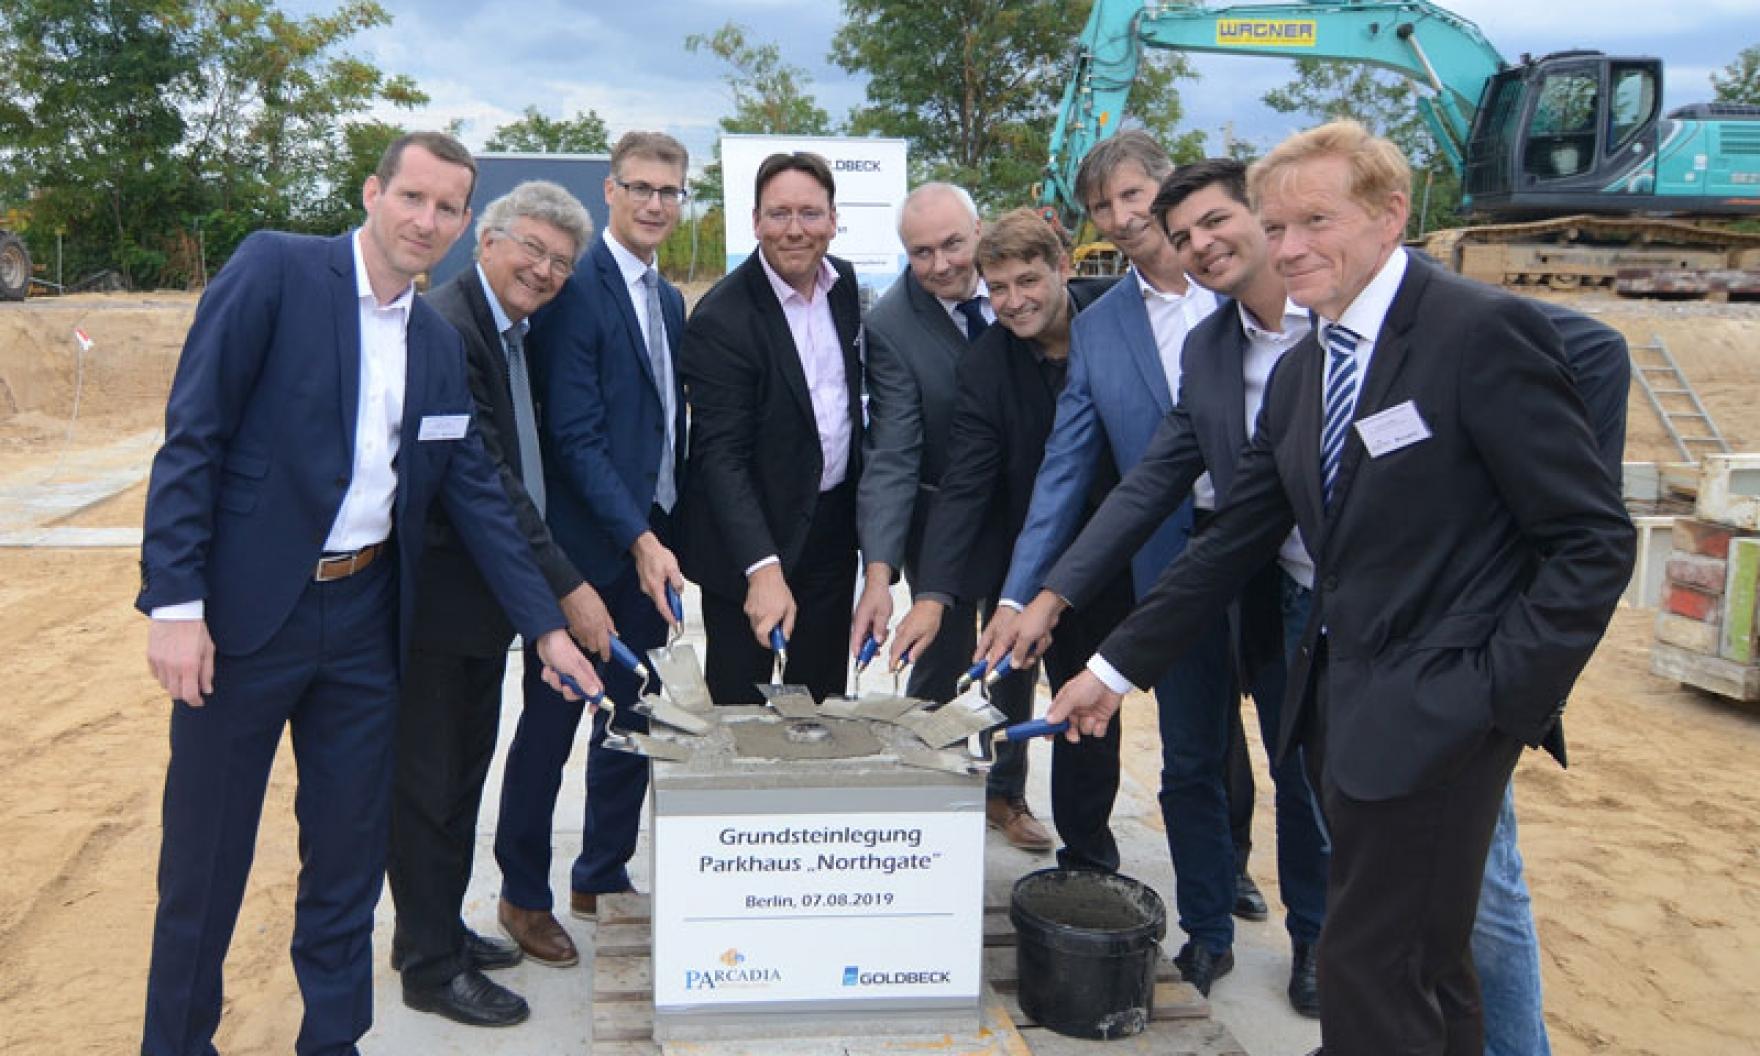 """ARCADIA Investment Group und Goldbeck Nordost GmbH feiern Grundsteinlegung für Parkhaus """"Northgate"""" am Flughafen BER in Berlin"""